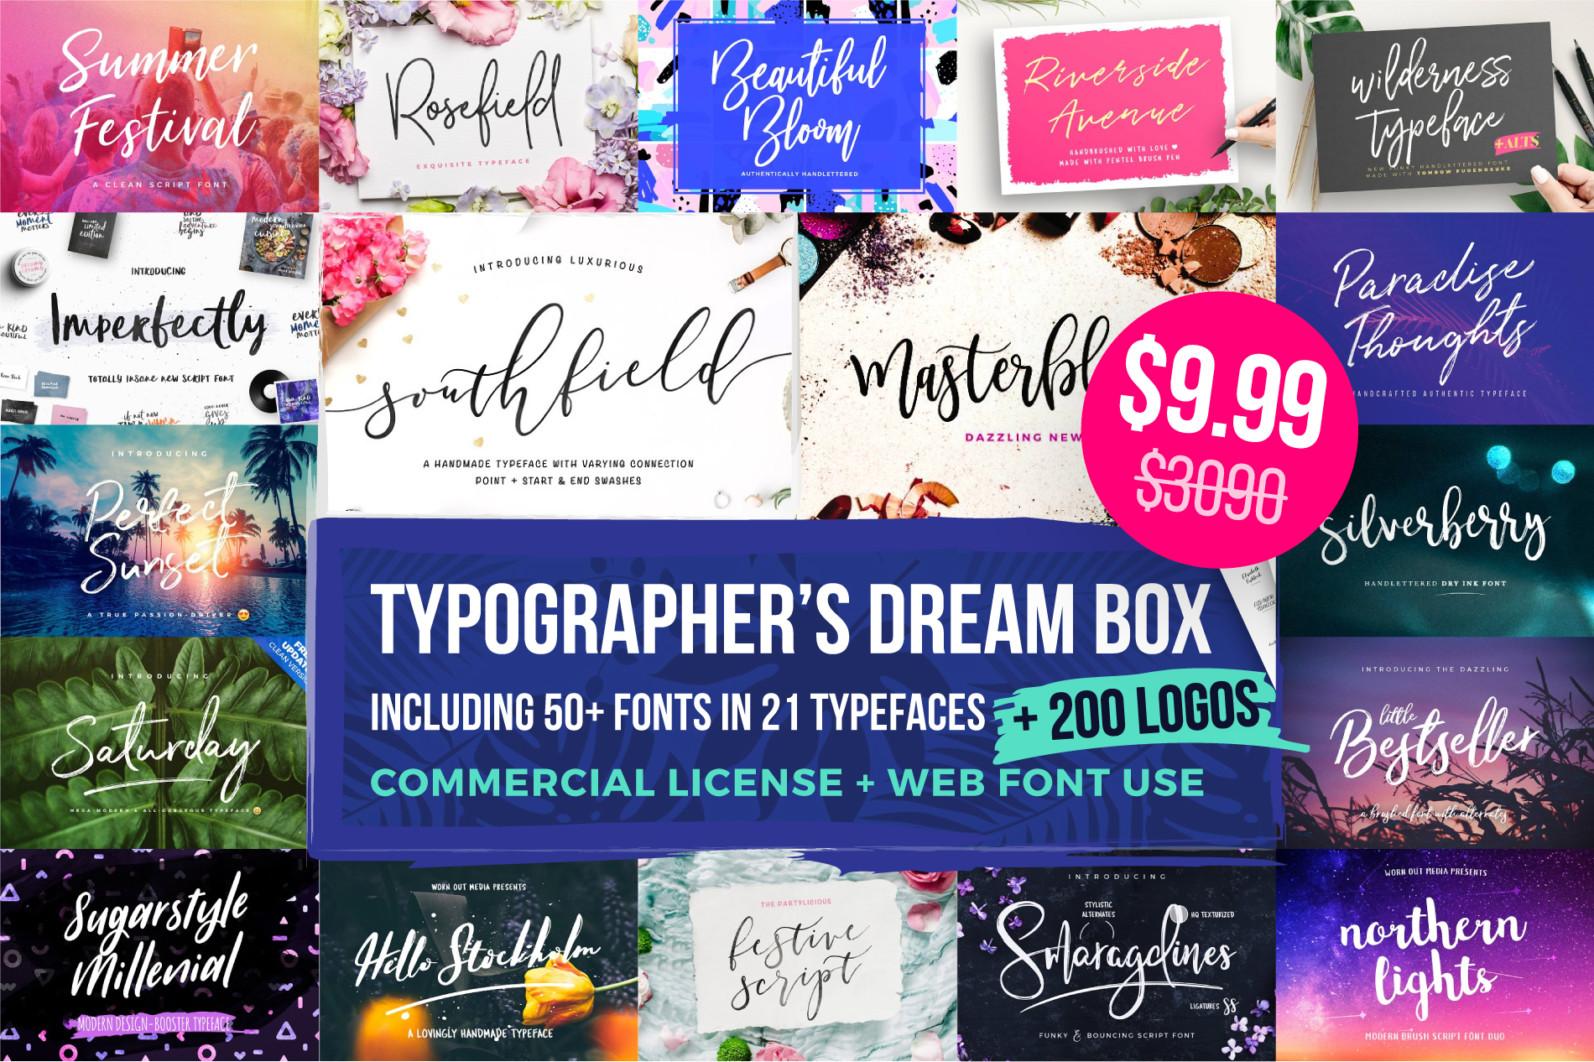 Typographer's Dream Box + 200 Logos - typographers dream box 2021 -